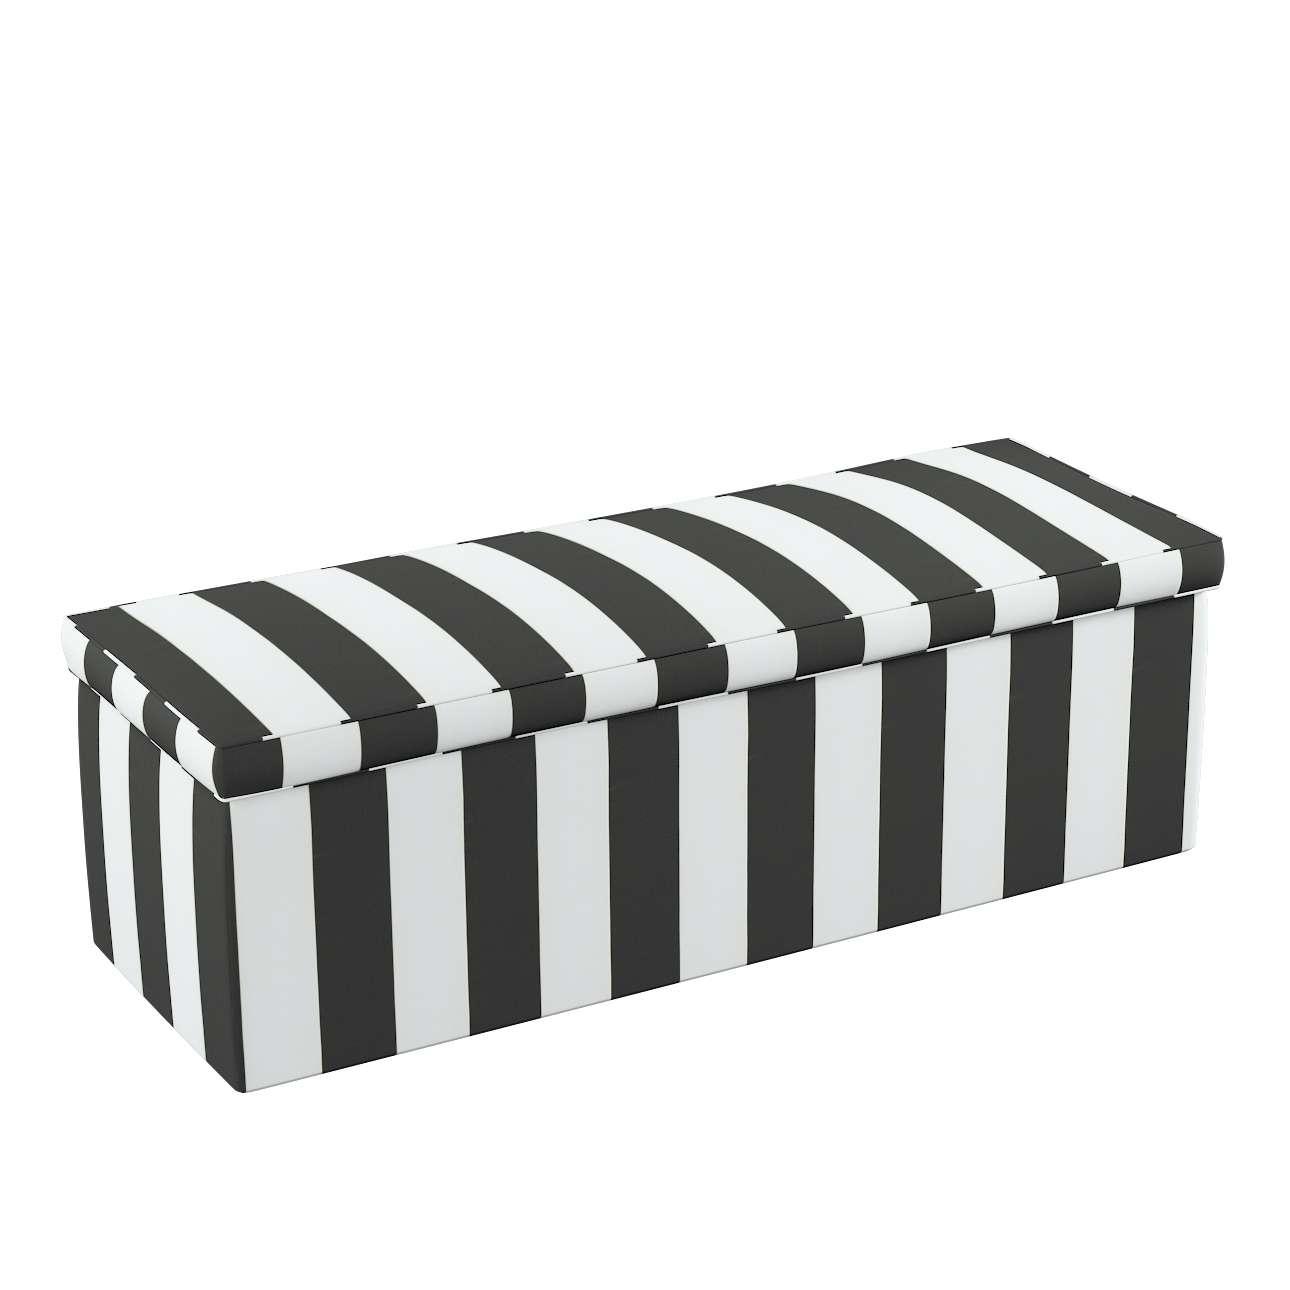 Čalouněná skříň s volbou látky - 2 velikosti v kolekci Comics, látka: 137-53